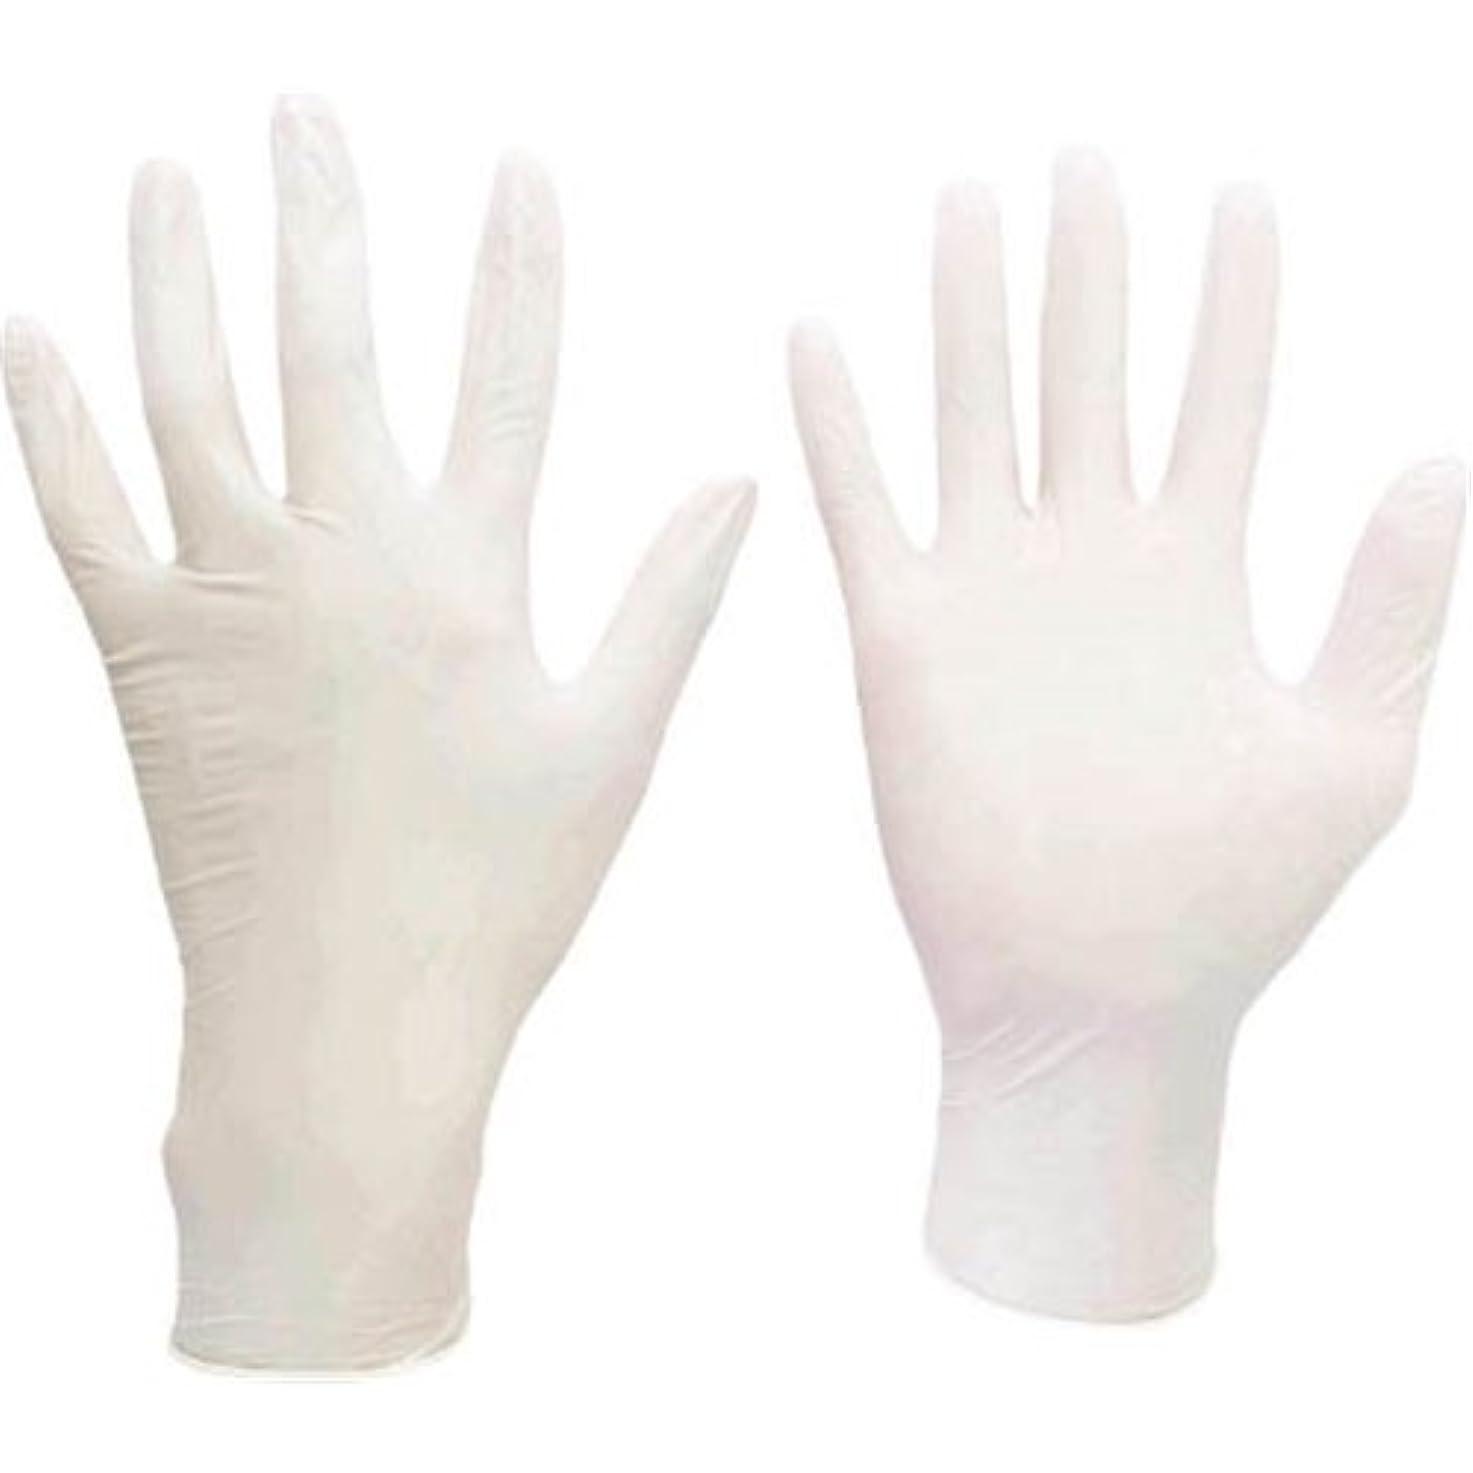 並外れてパイプパーティションミドリ安全/ミドリ安全 ニトリル使い捨て手袋 極薄 粉なし 100枚入 白 M(3889084) VERTE-711-M